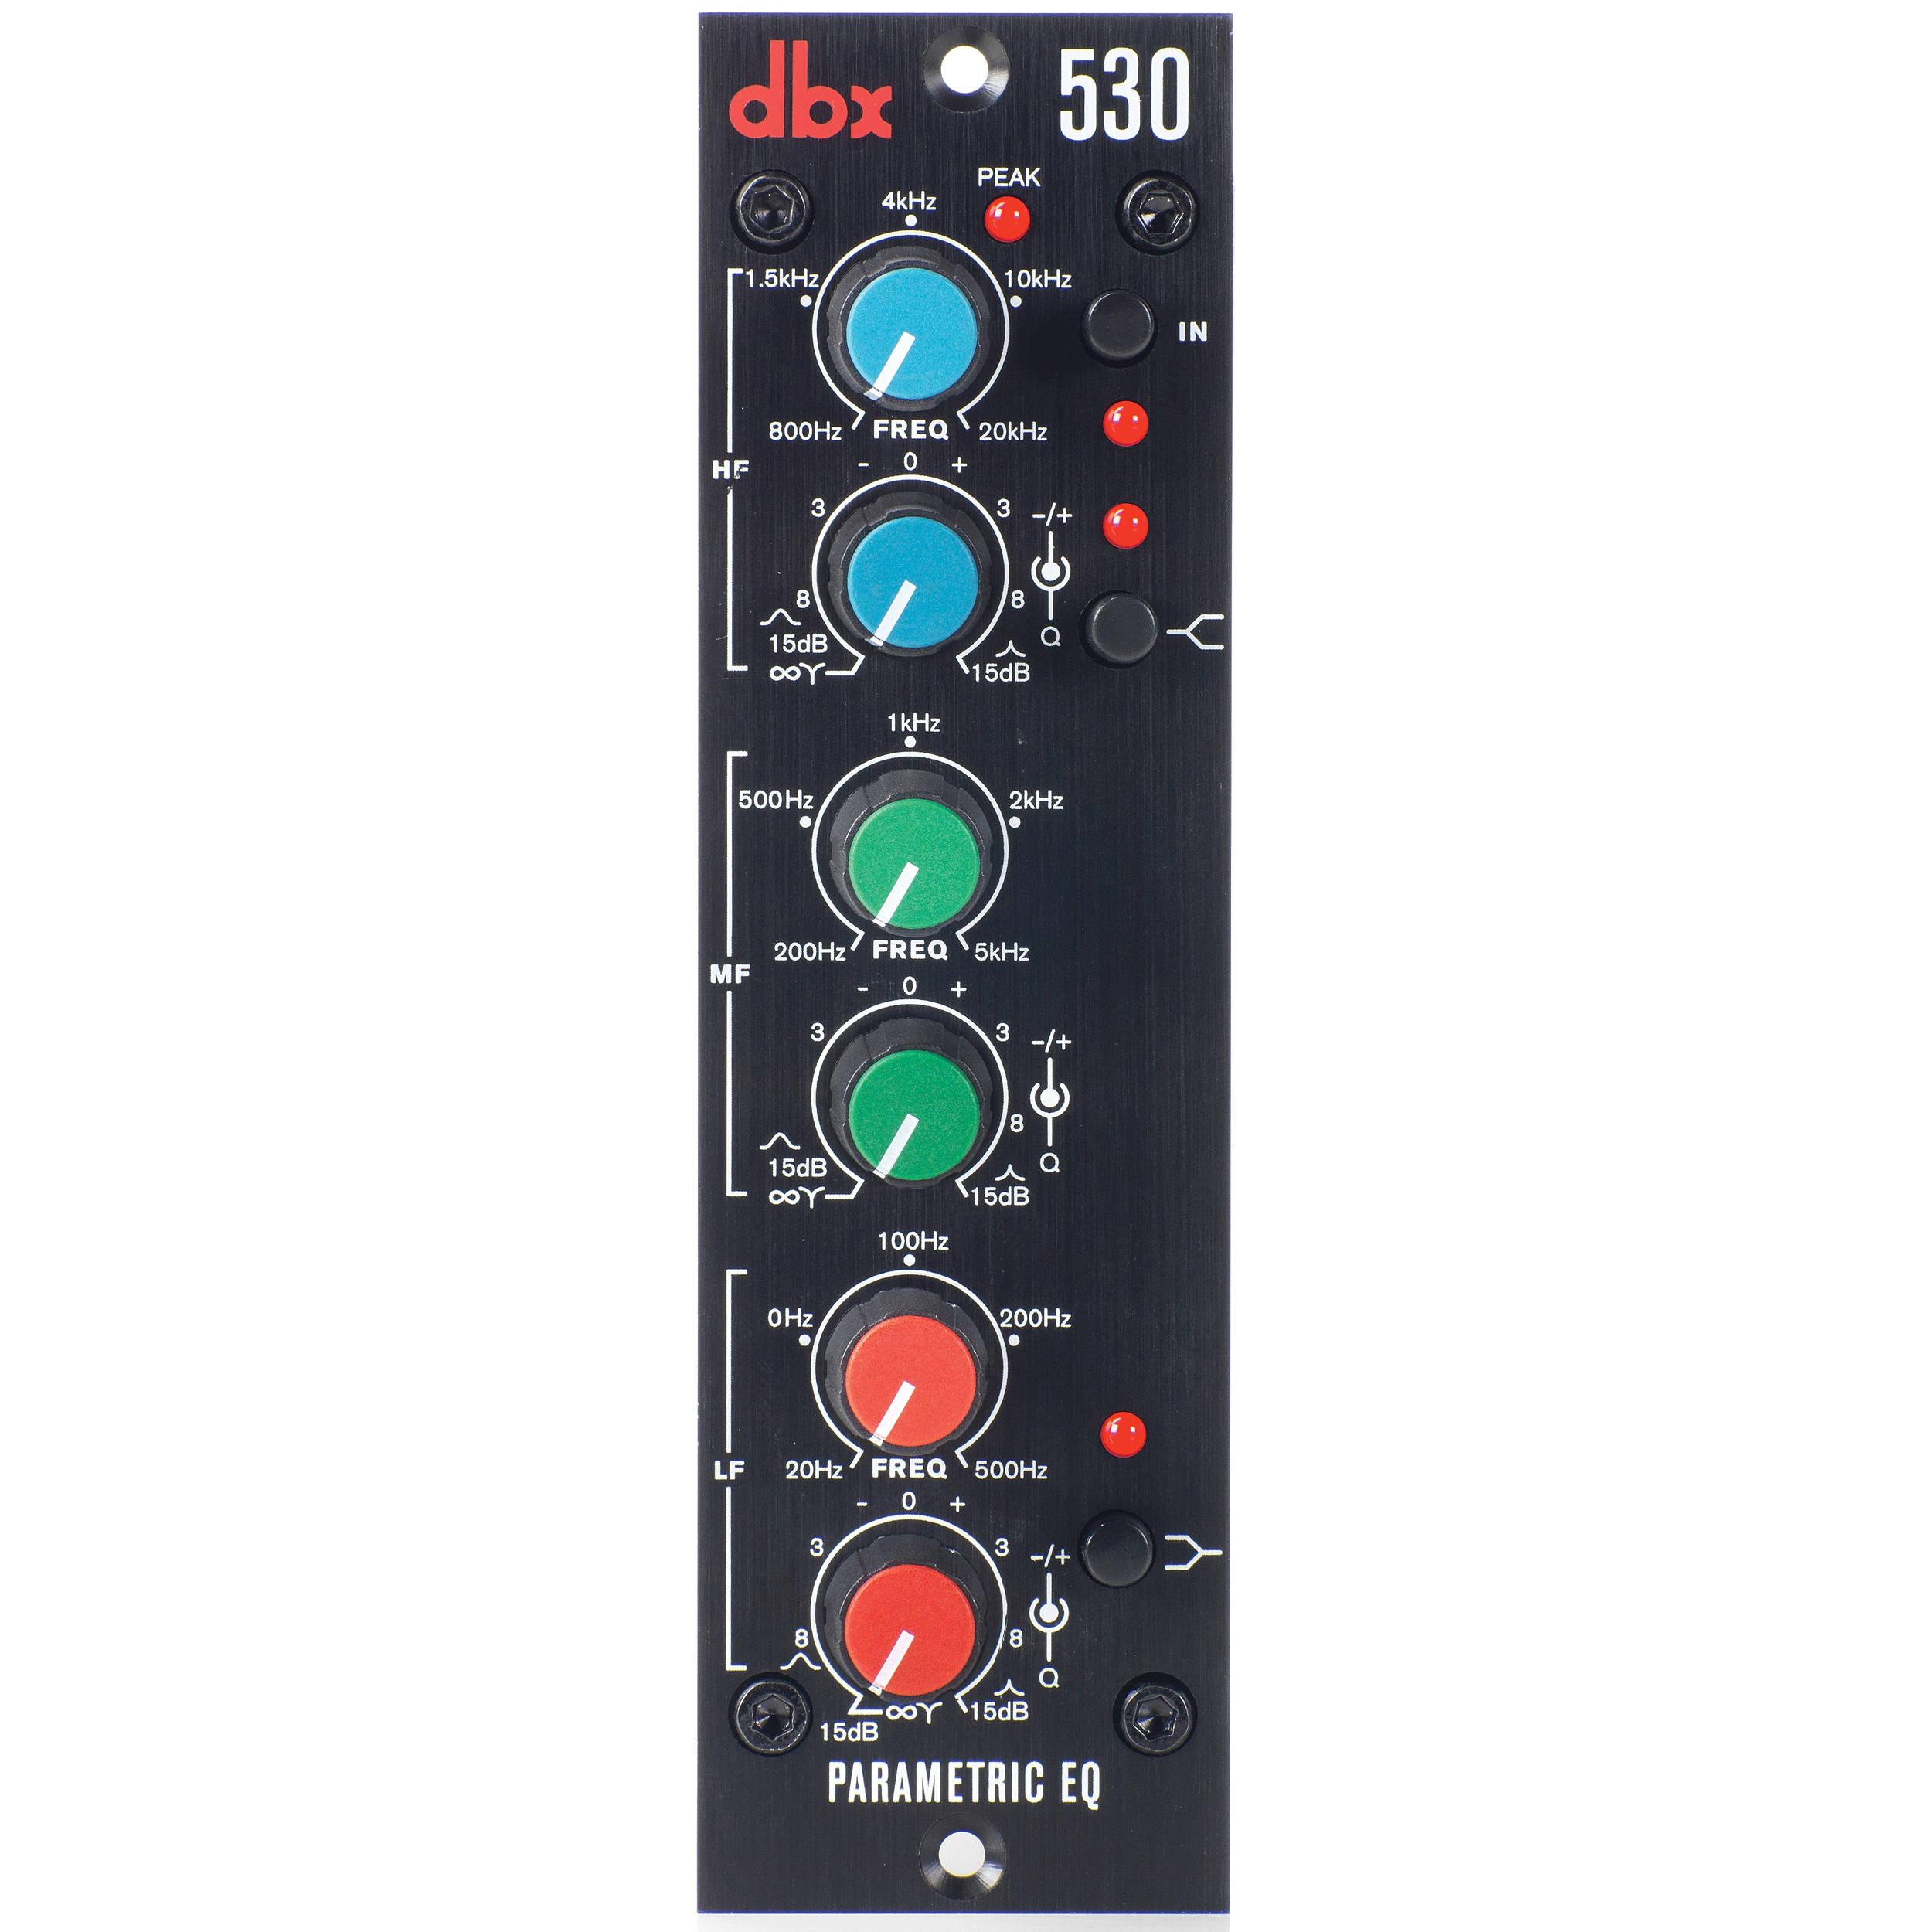 Controles de tono si/no - Página 3 Dbx_530_parametric_equalizer_1129110